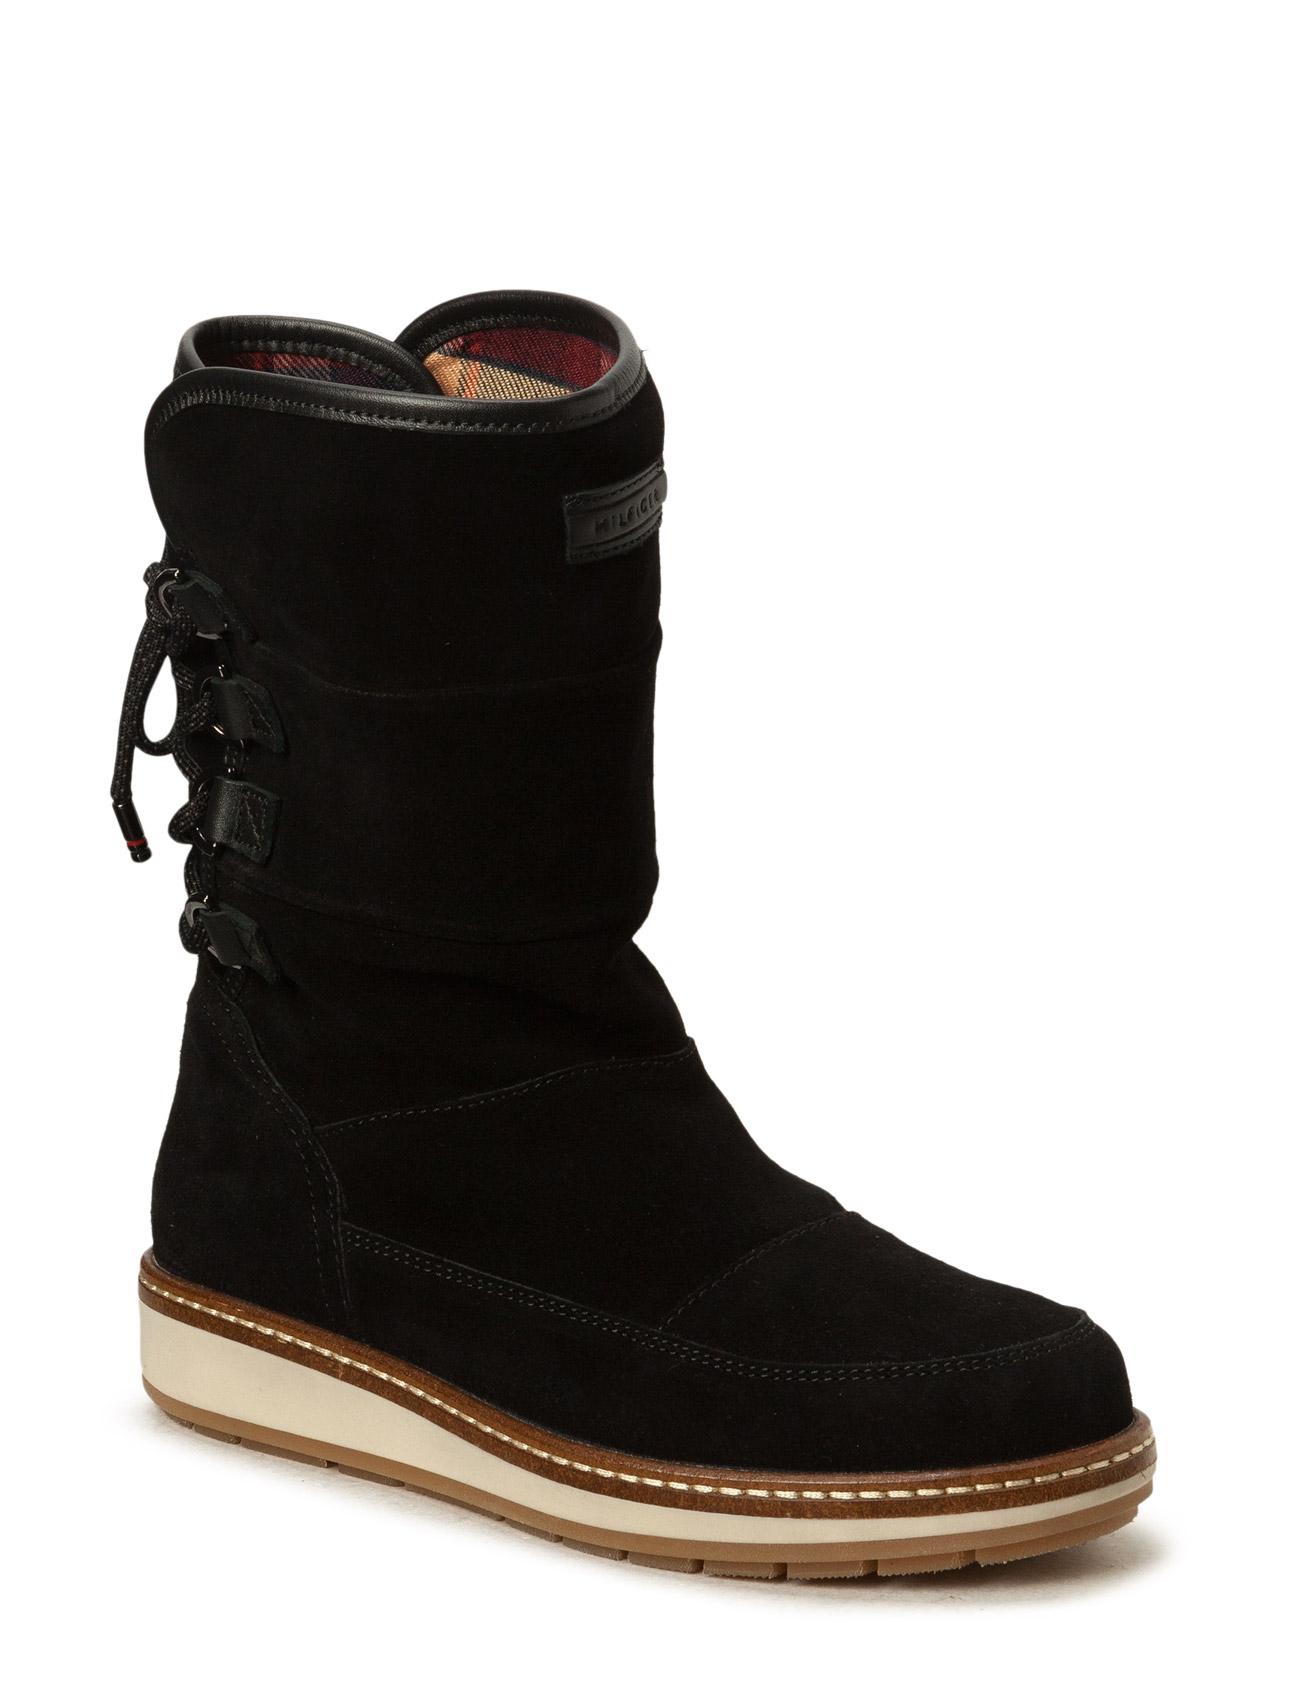 Wooli 8b Tommy Hilfiger Shoes Vinter Støvler